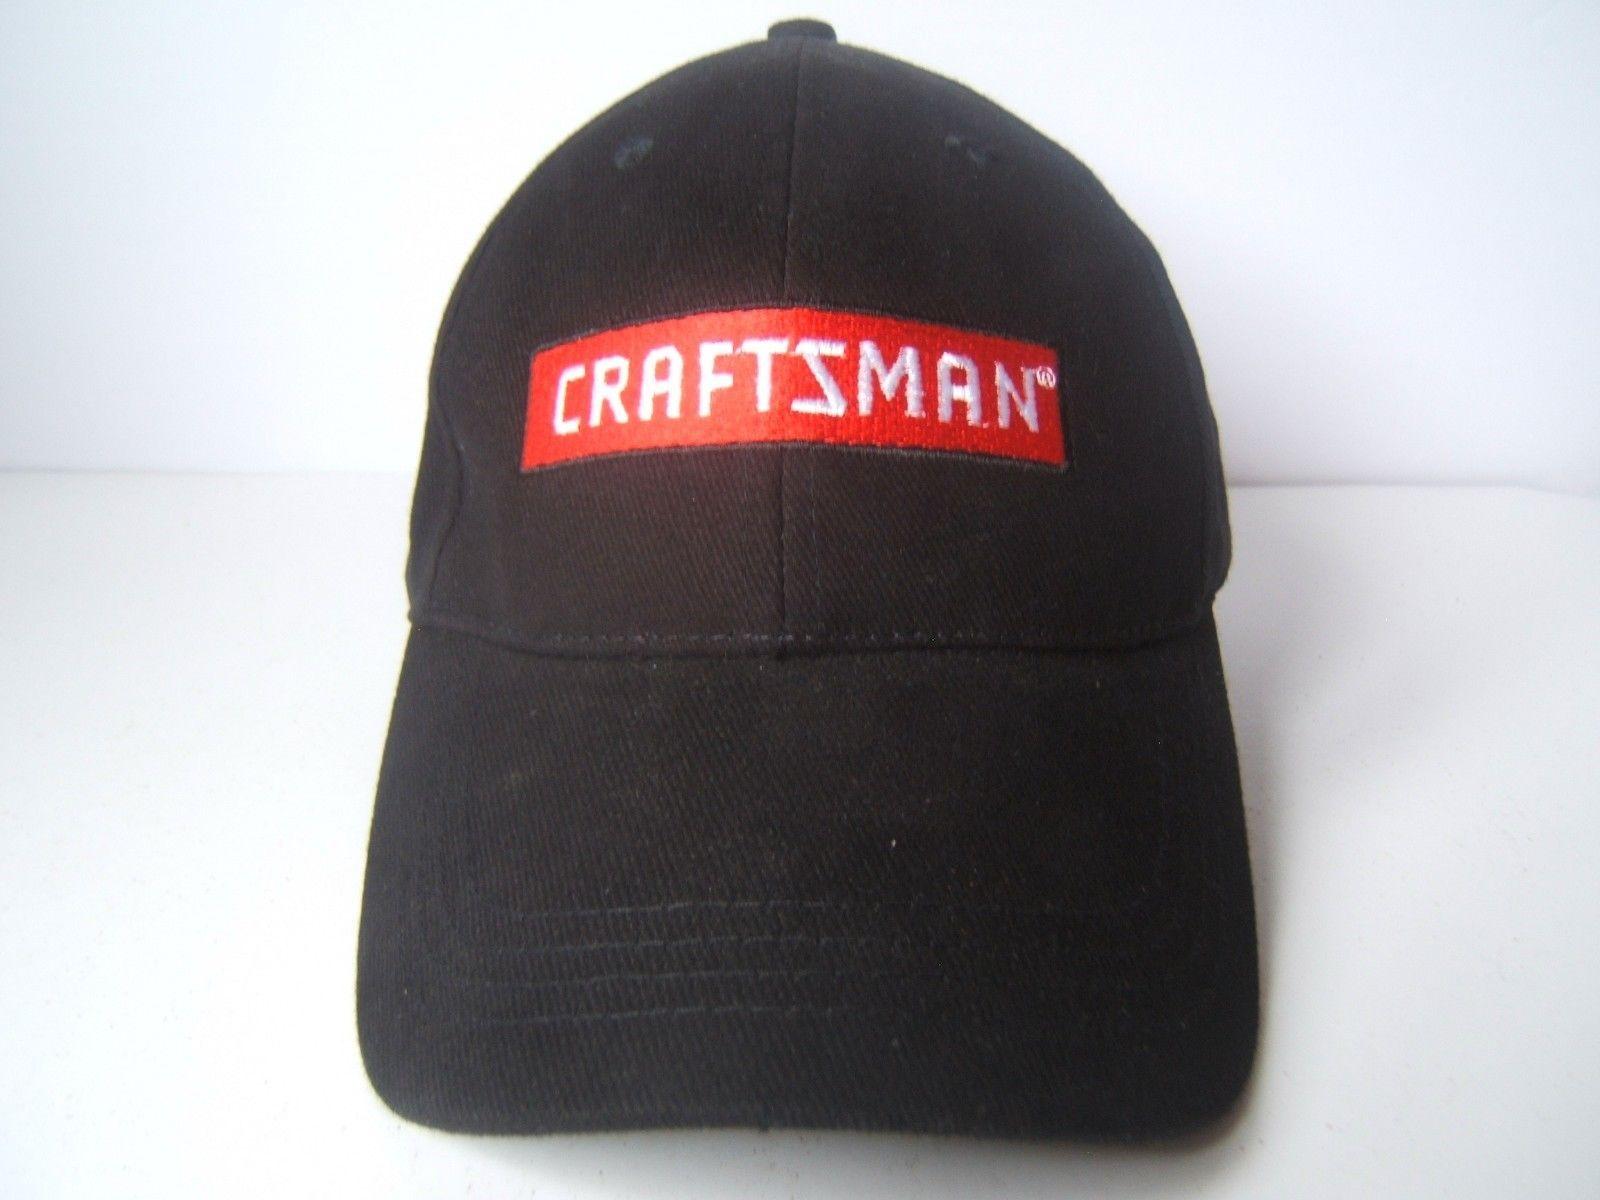 8a5716aa396 Craftsman Tools Hat Black Hook Loop Baseball and similar items